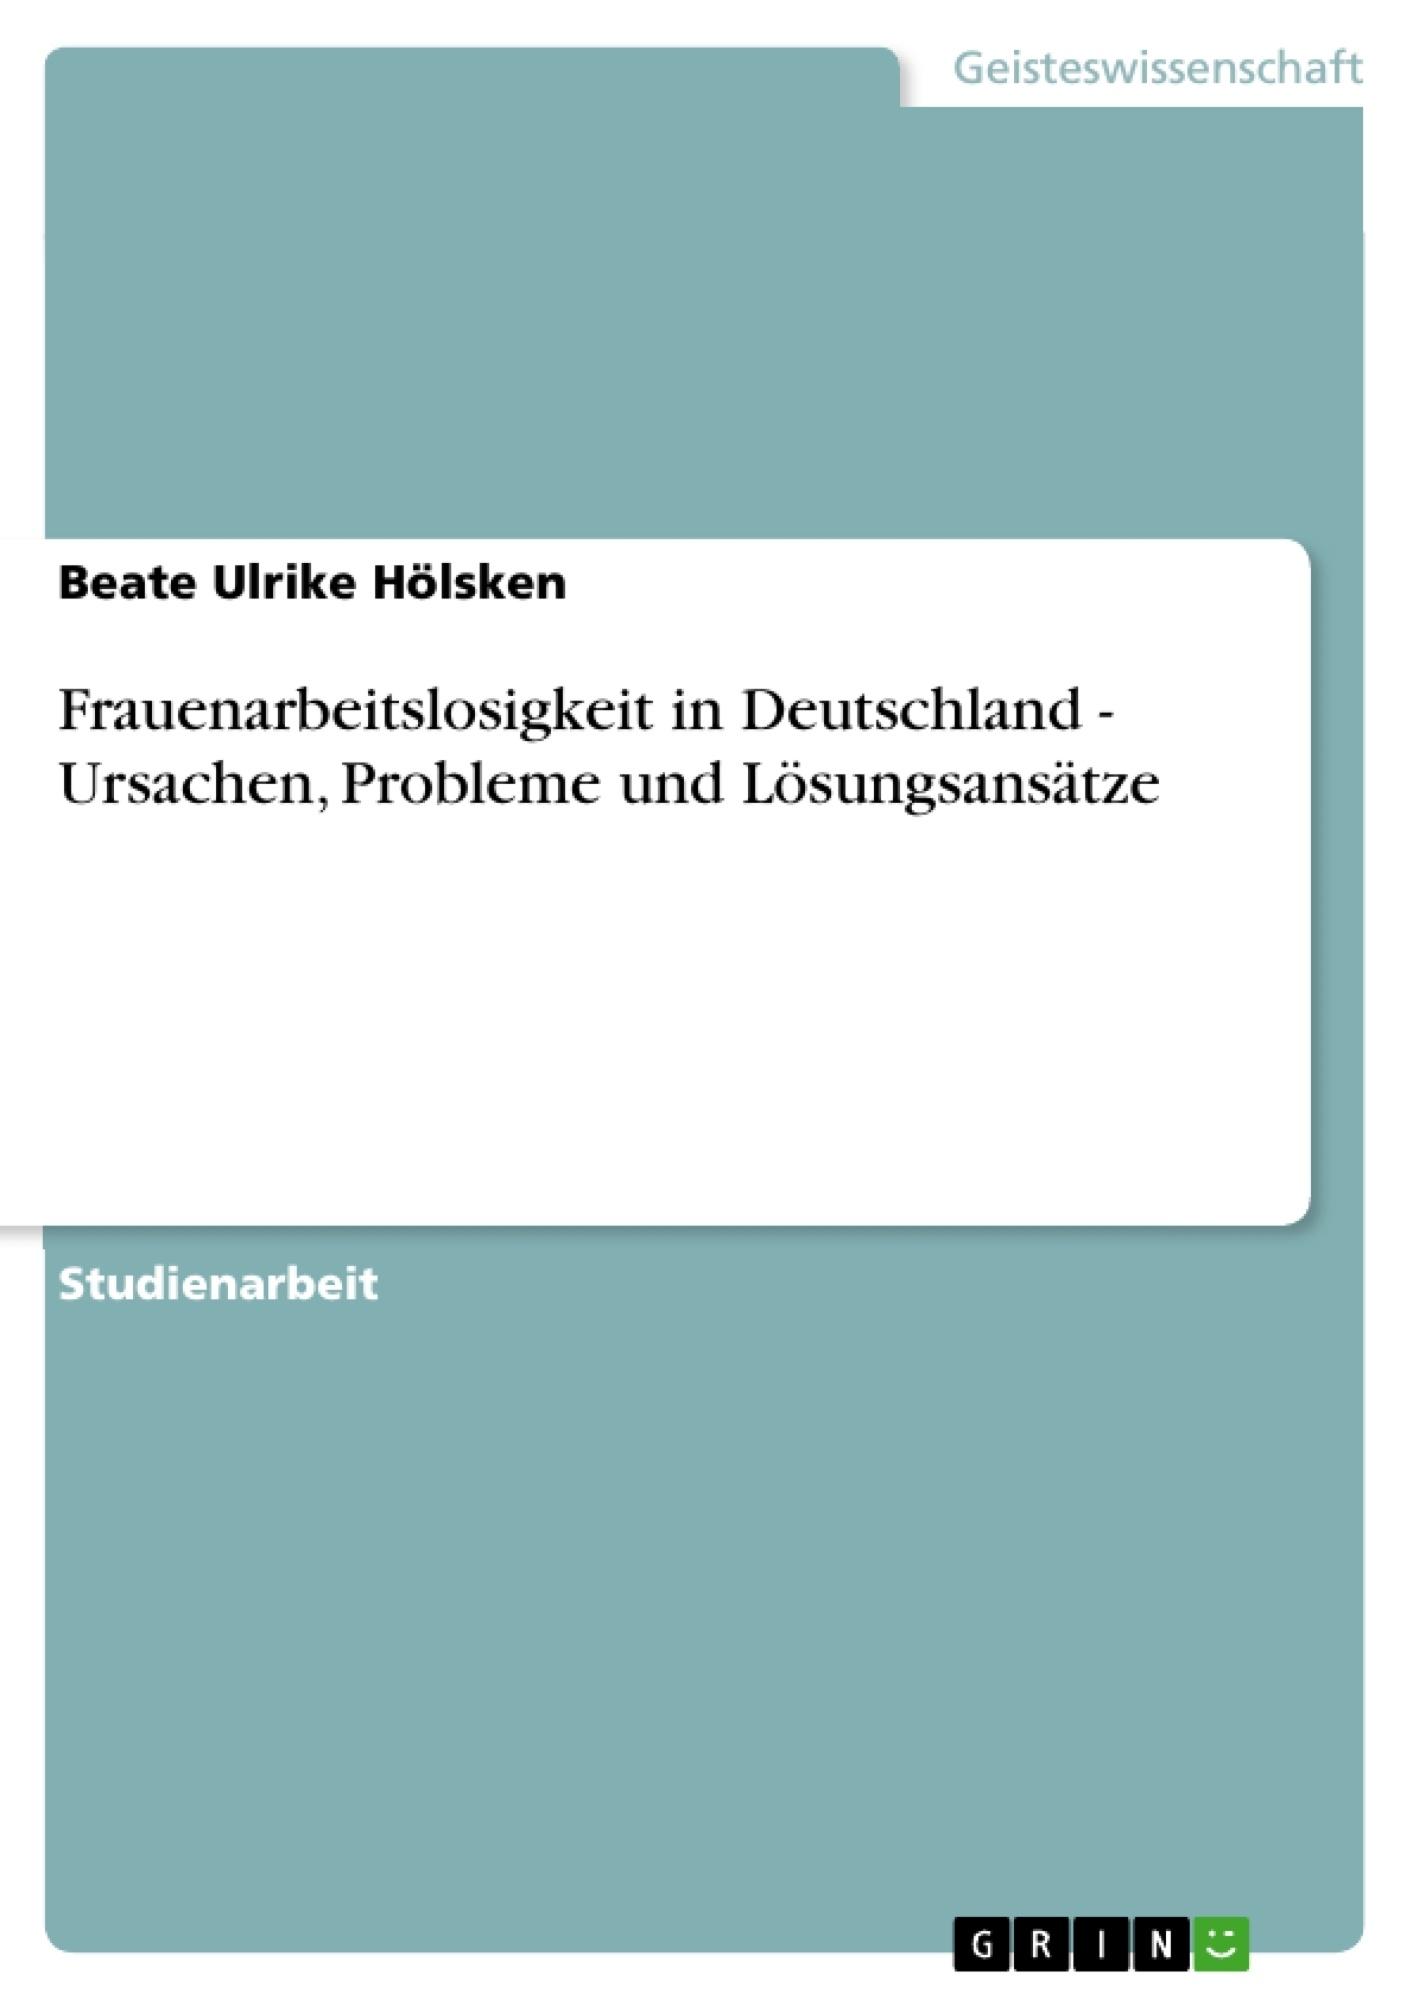 Titel: Frauenarbeitslosigkeit in Deutschland - Ursachen, Probleme und Lösungsansätze